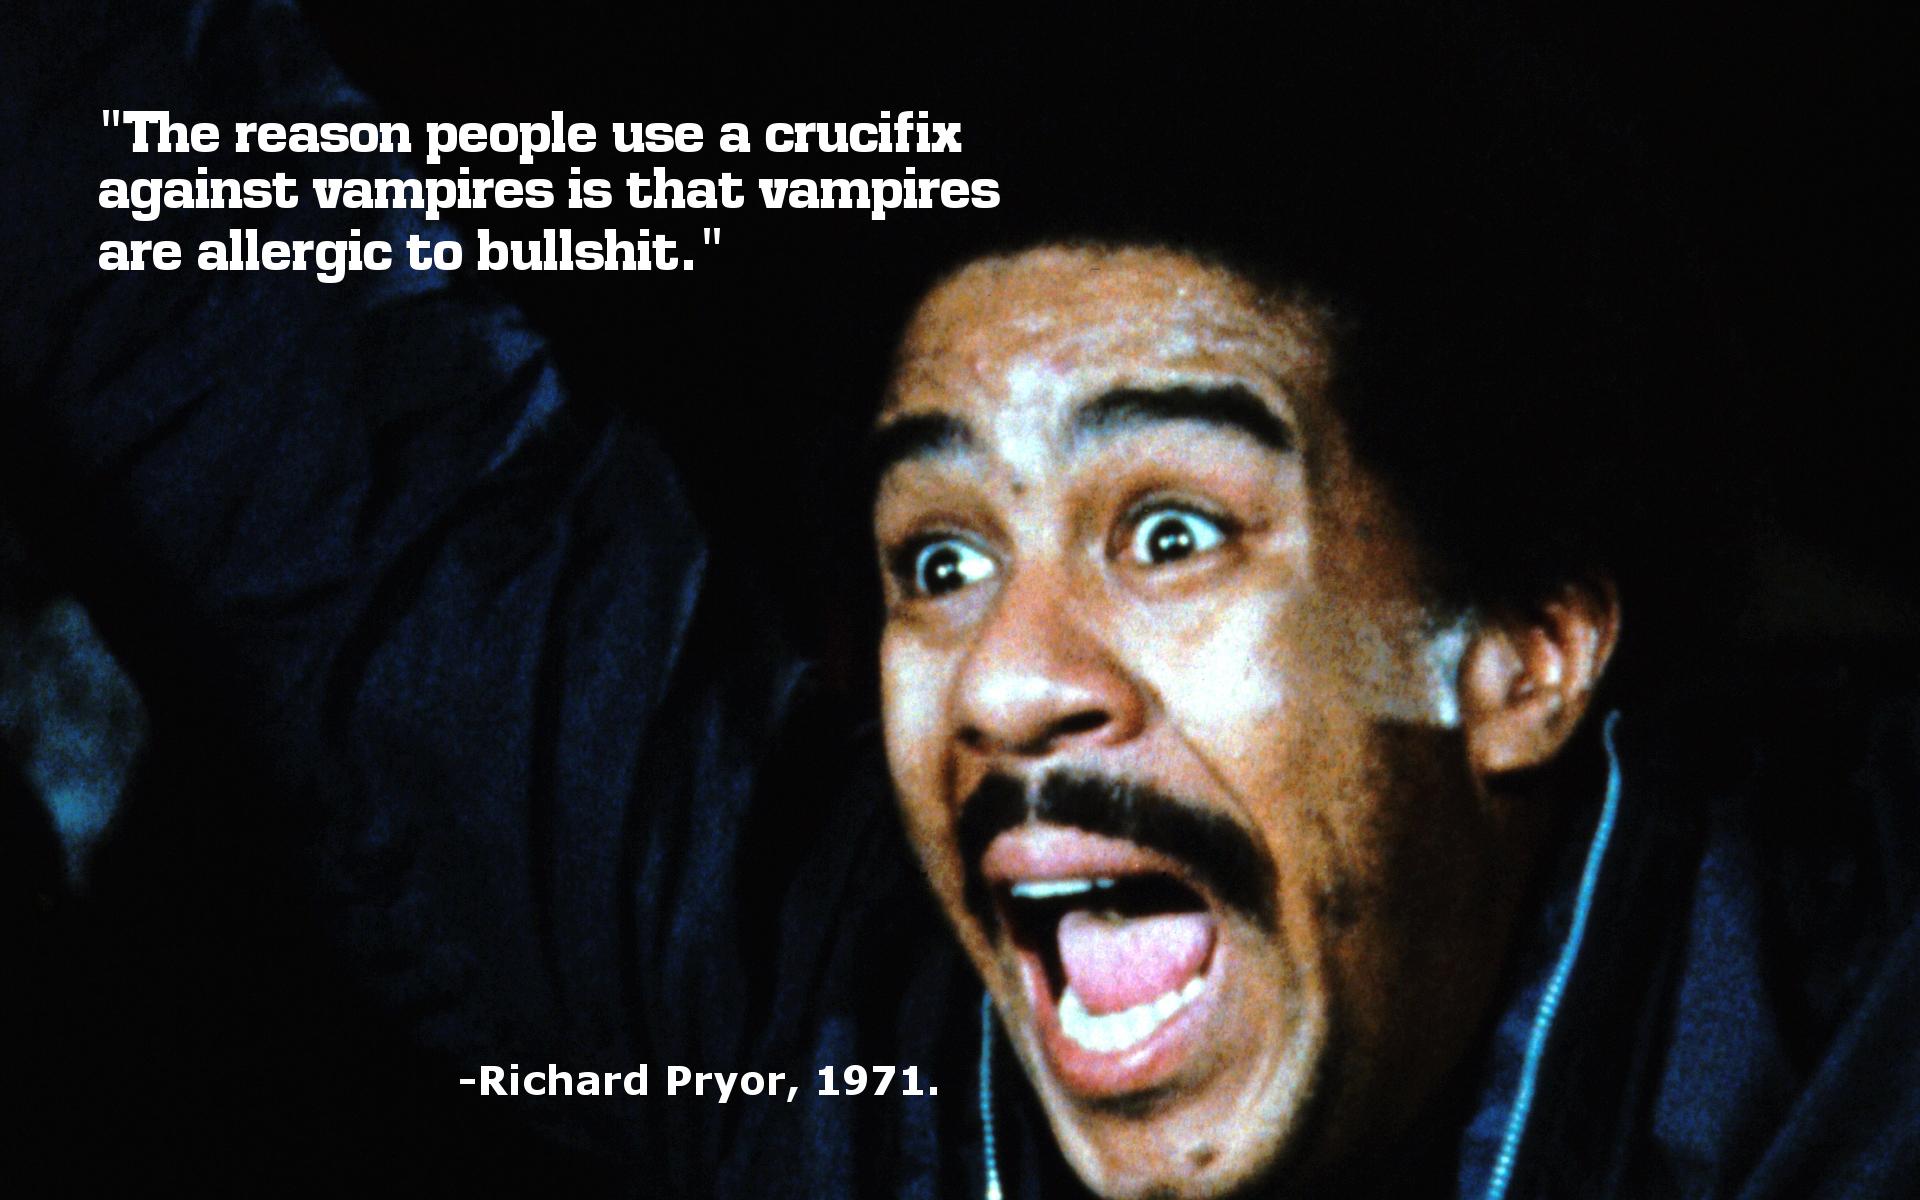 Richard Pryor quote #2